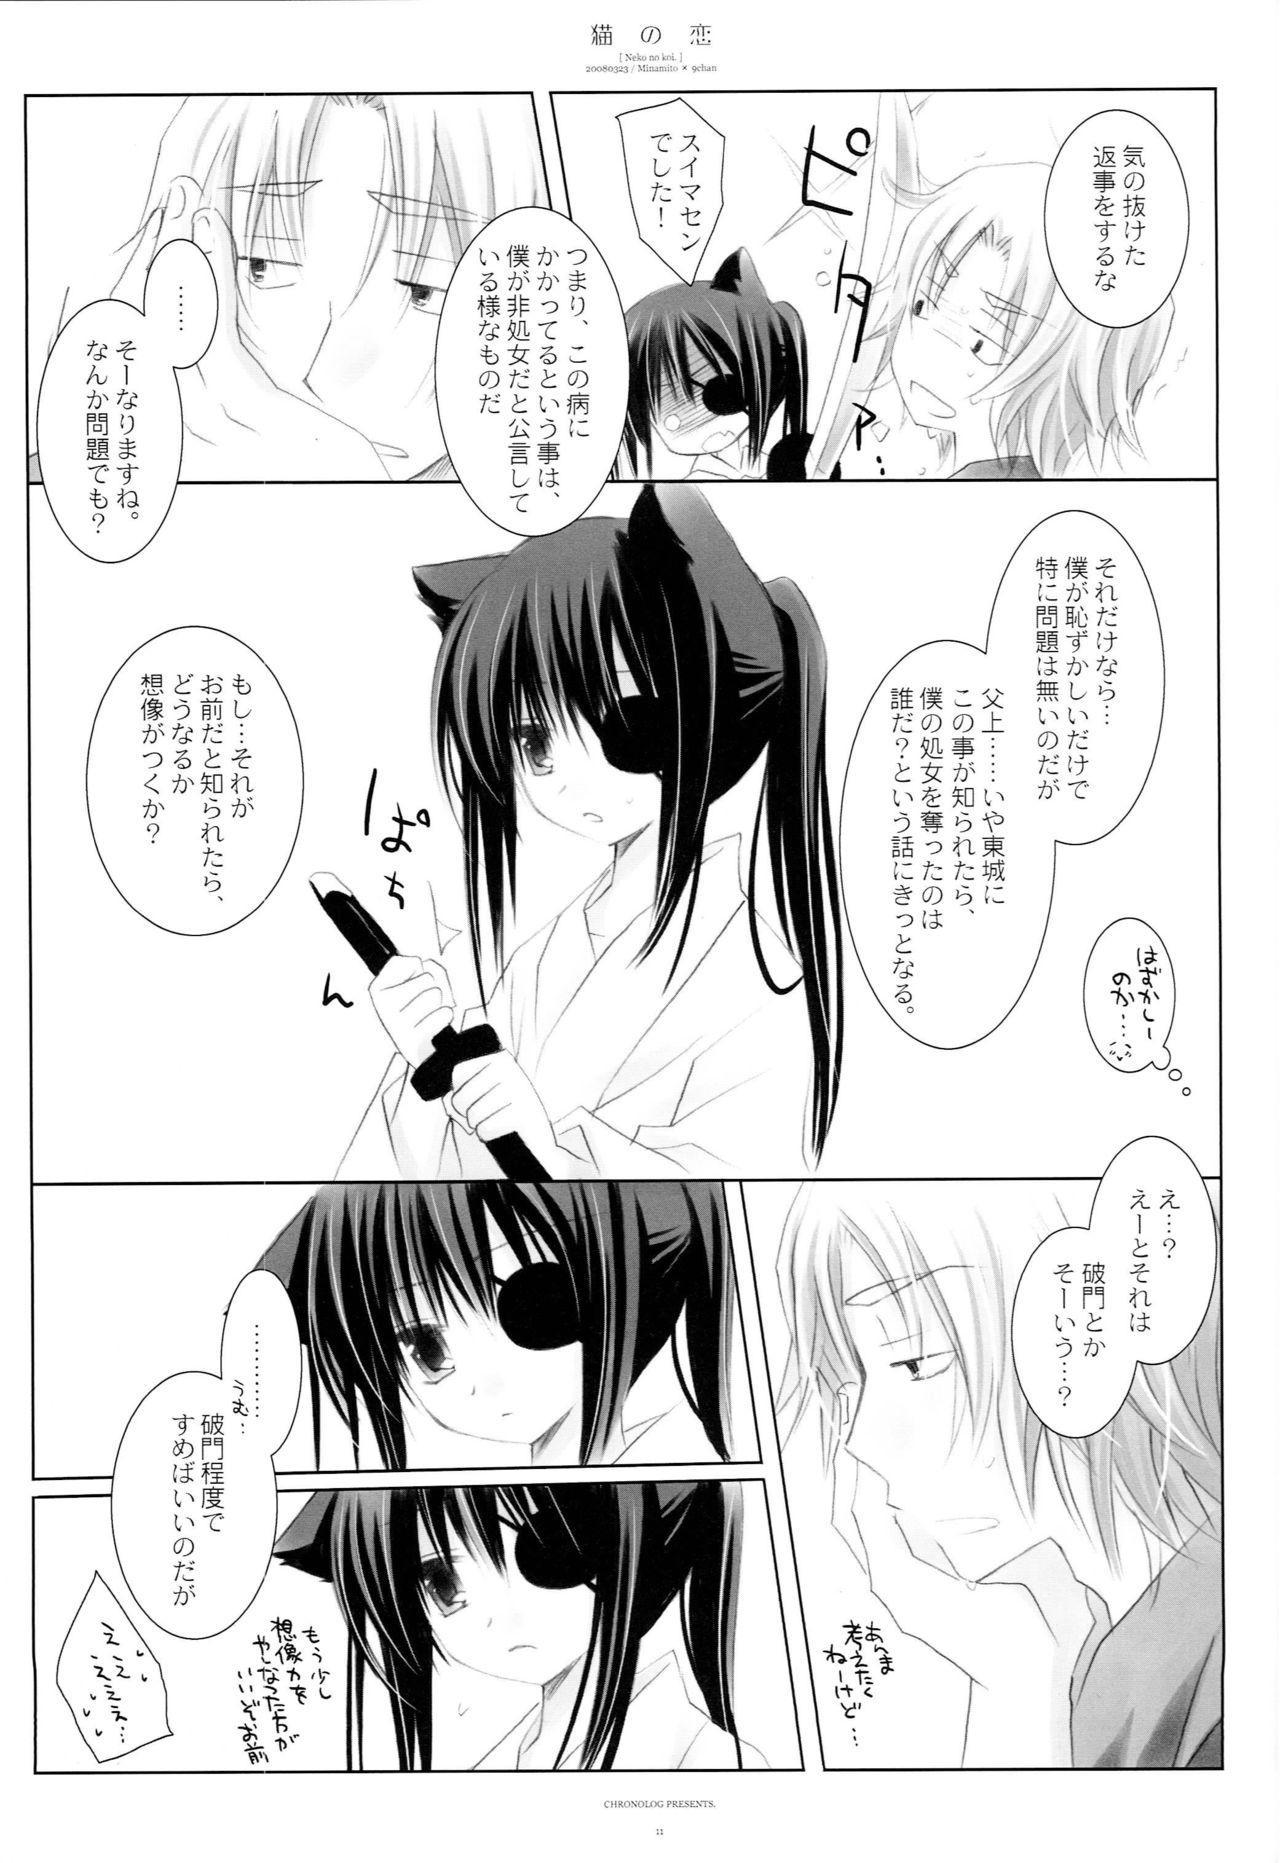 Neko no Koi 9